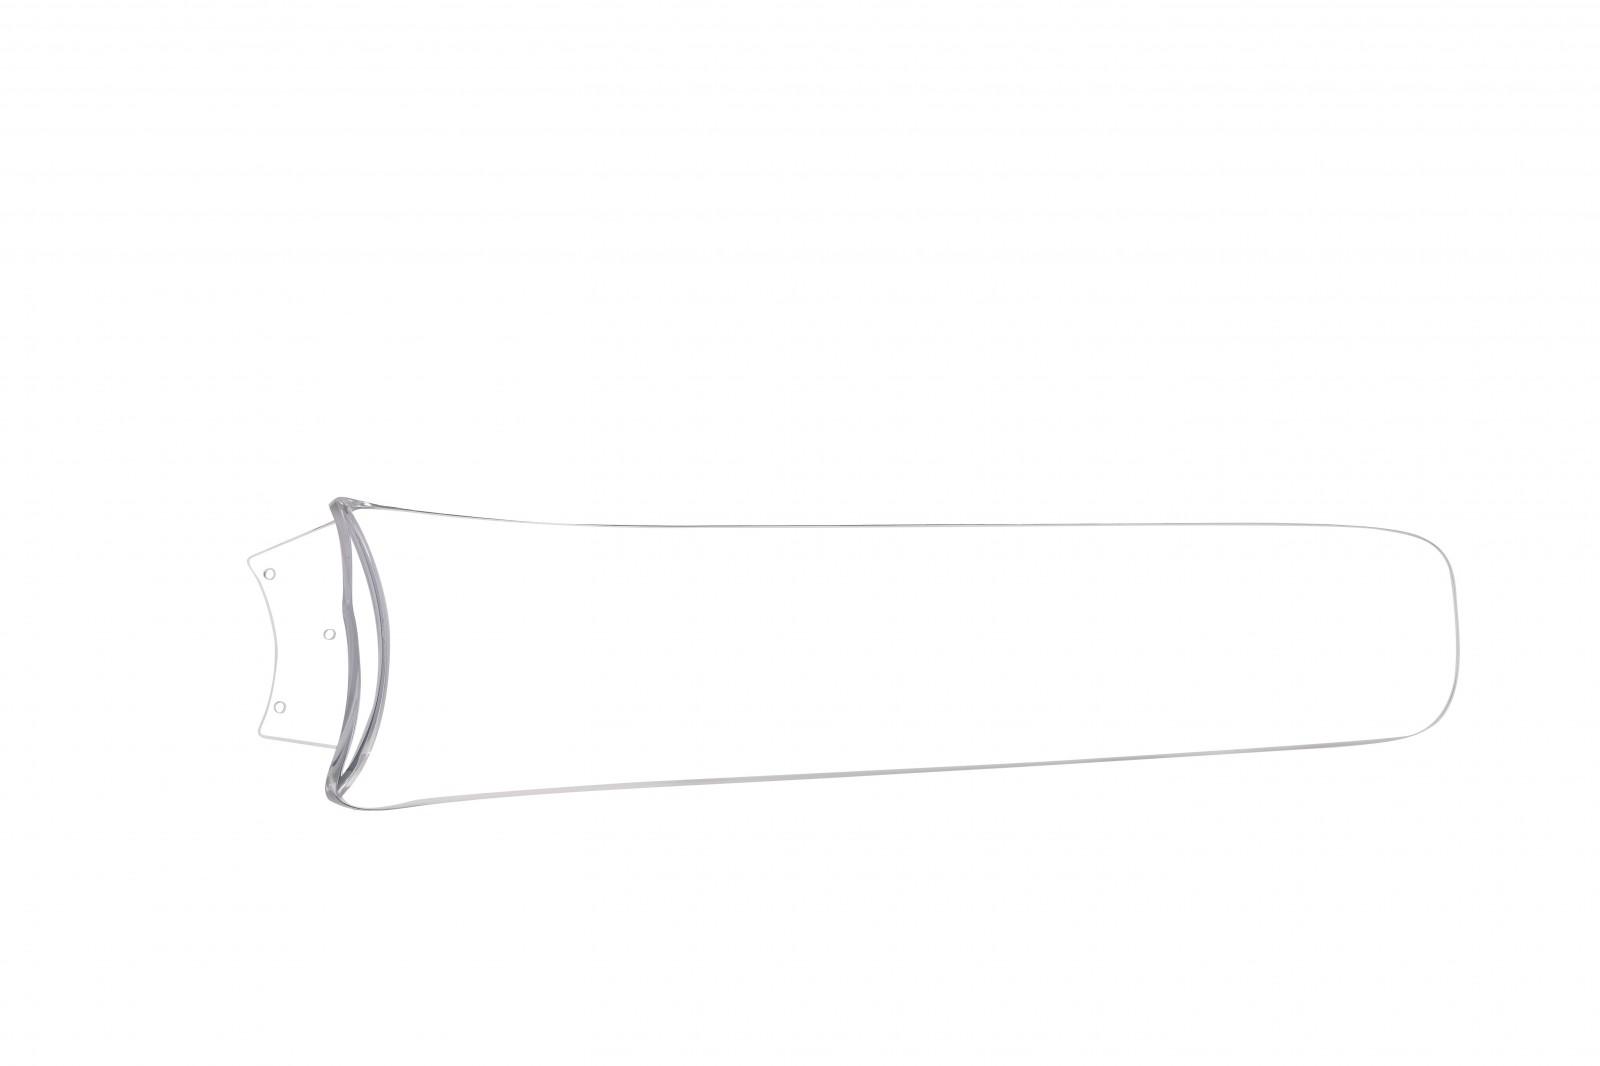 deckenventilator fabiola mit led beleuchtung und fernbedienung fl gel transparent 137 cm von globo. Black Bedroom Furniture Sets. Home Design Ideas